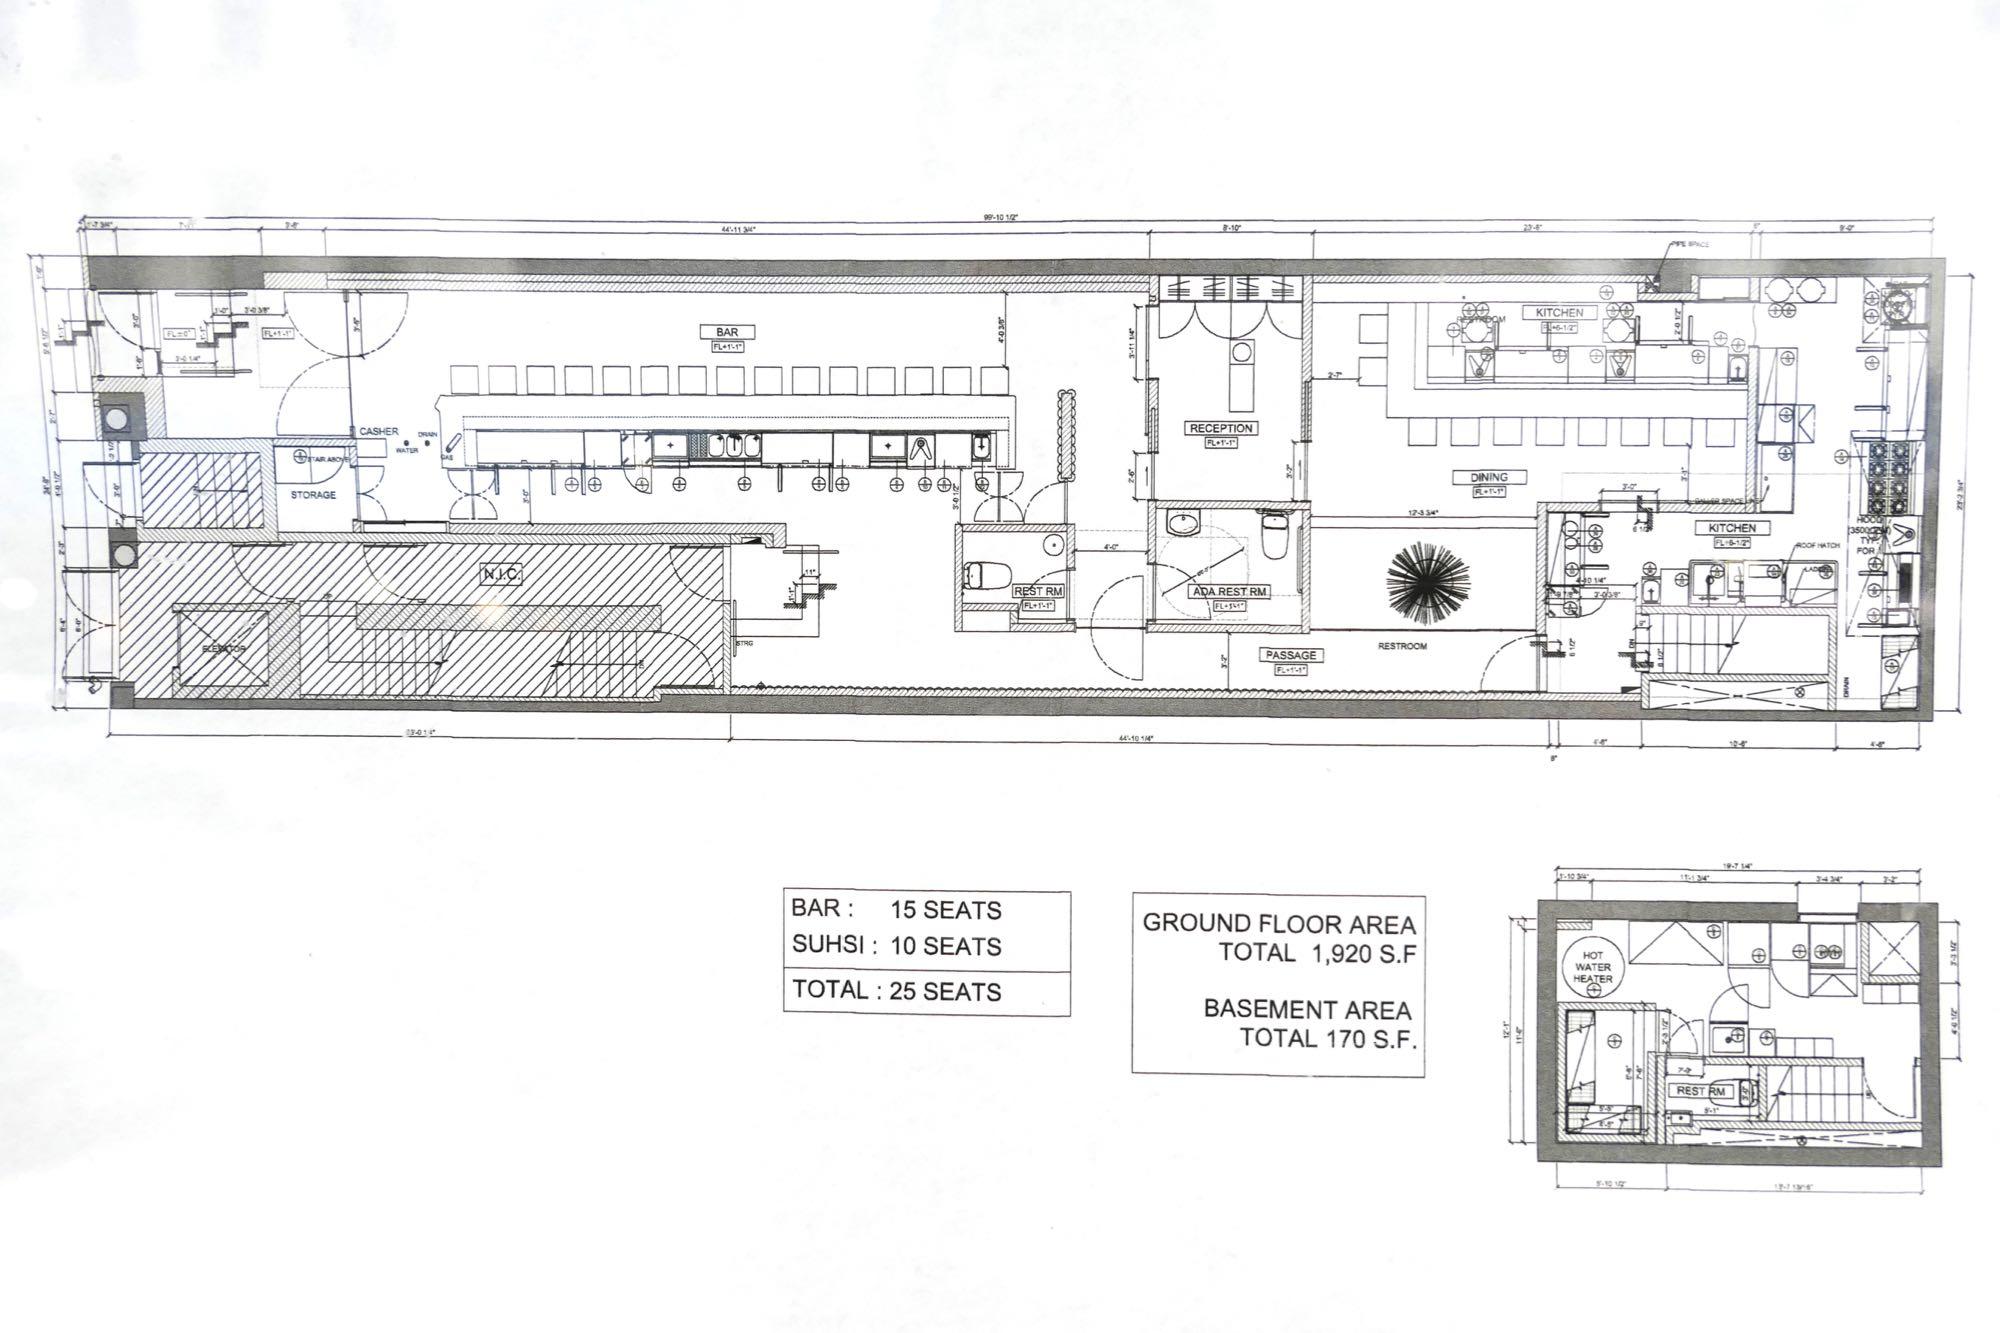 Restaurant Bar Floor Plan: Stylish Sushi Bar Opening On Warren